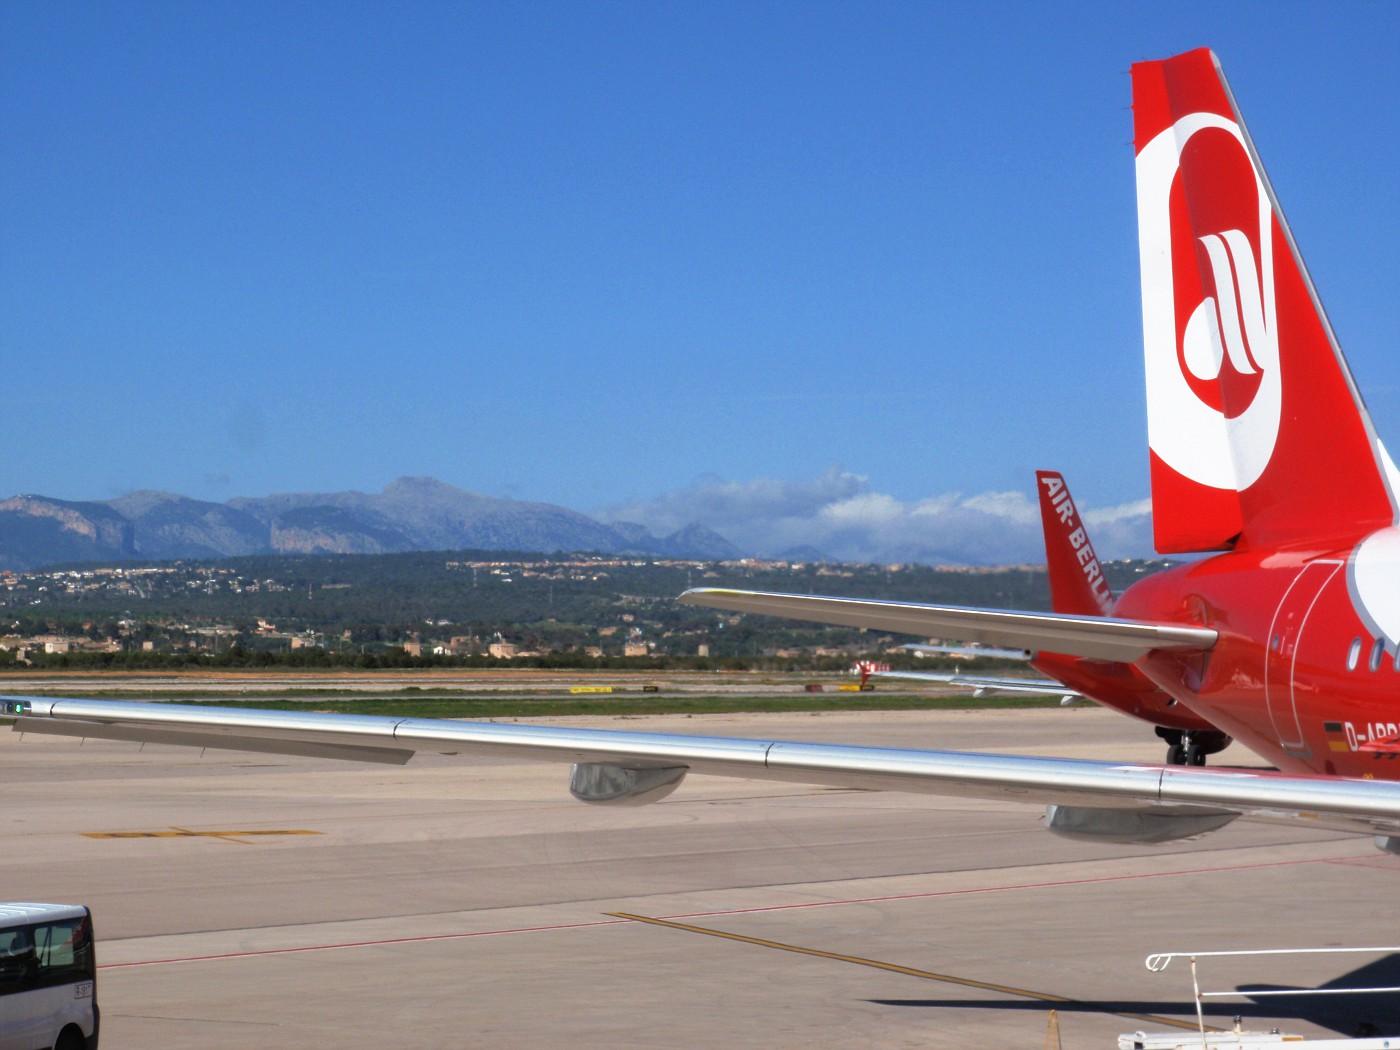 Aeropuerte Palma Mallorca